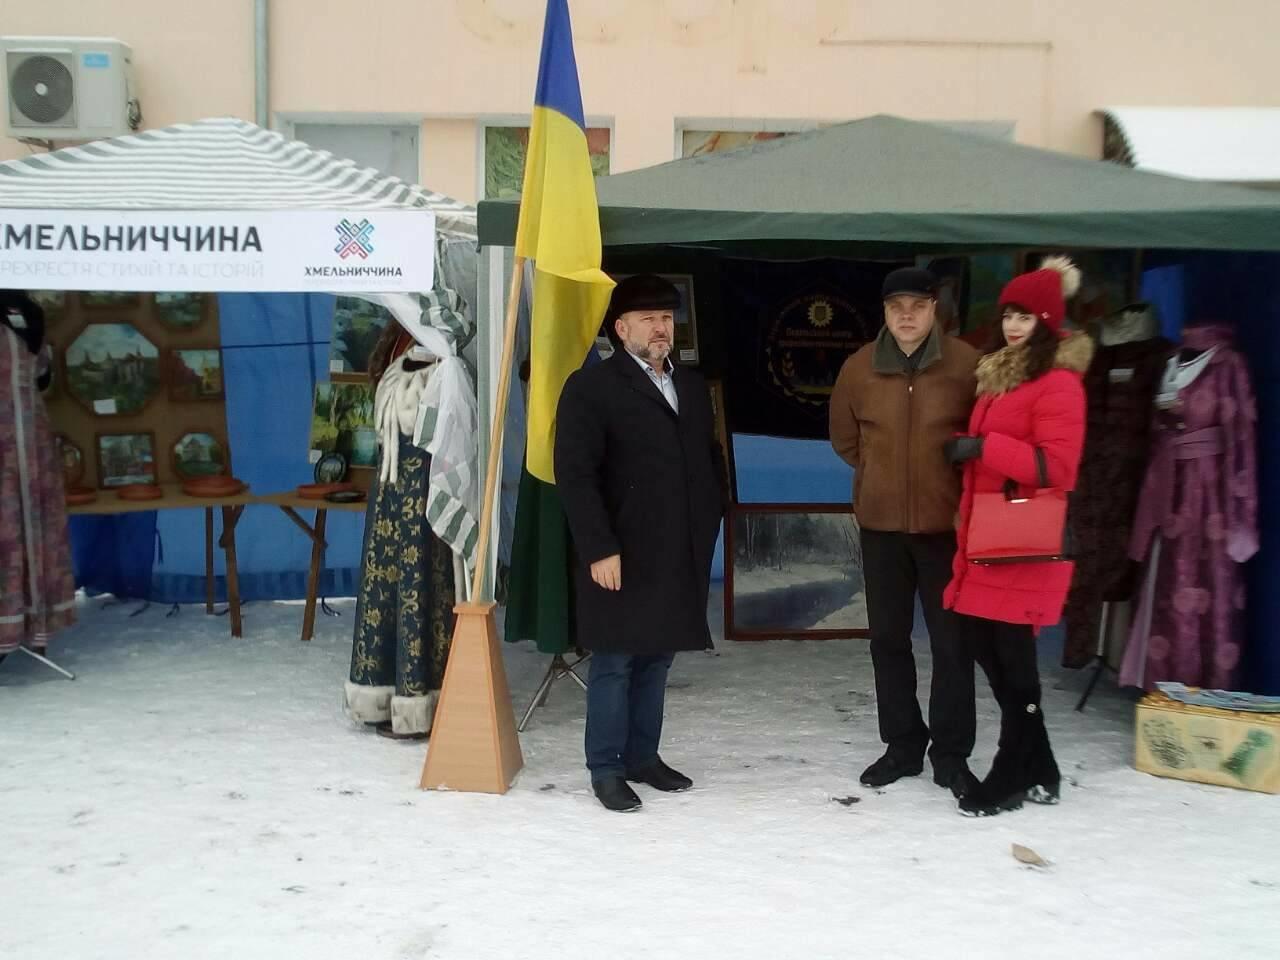 Подільський центр ПТО представив виставку на міжобласному заході до Дня Соборності України, фото-4